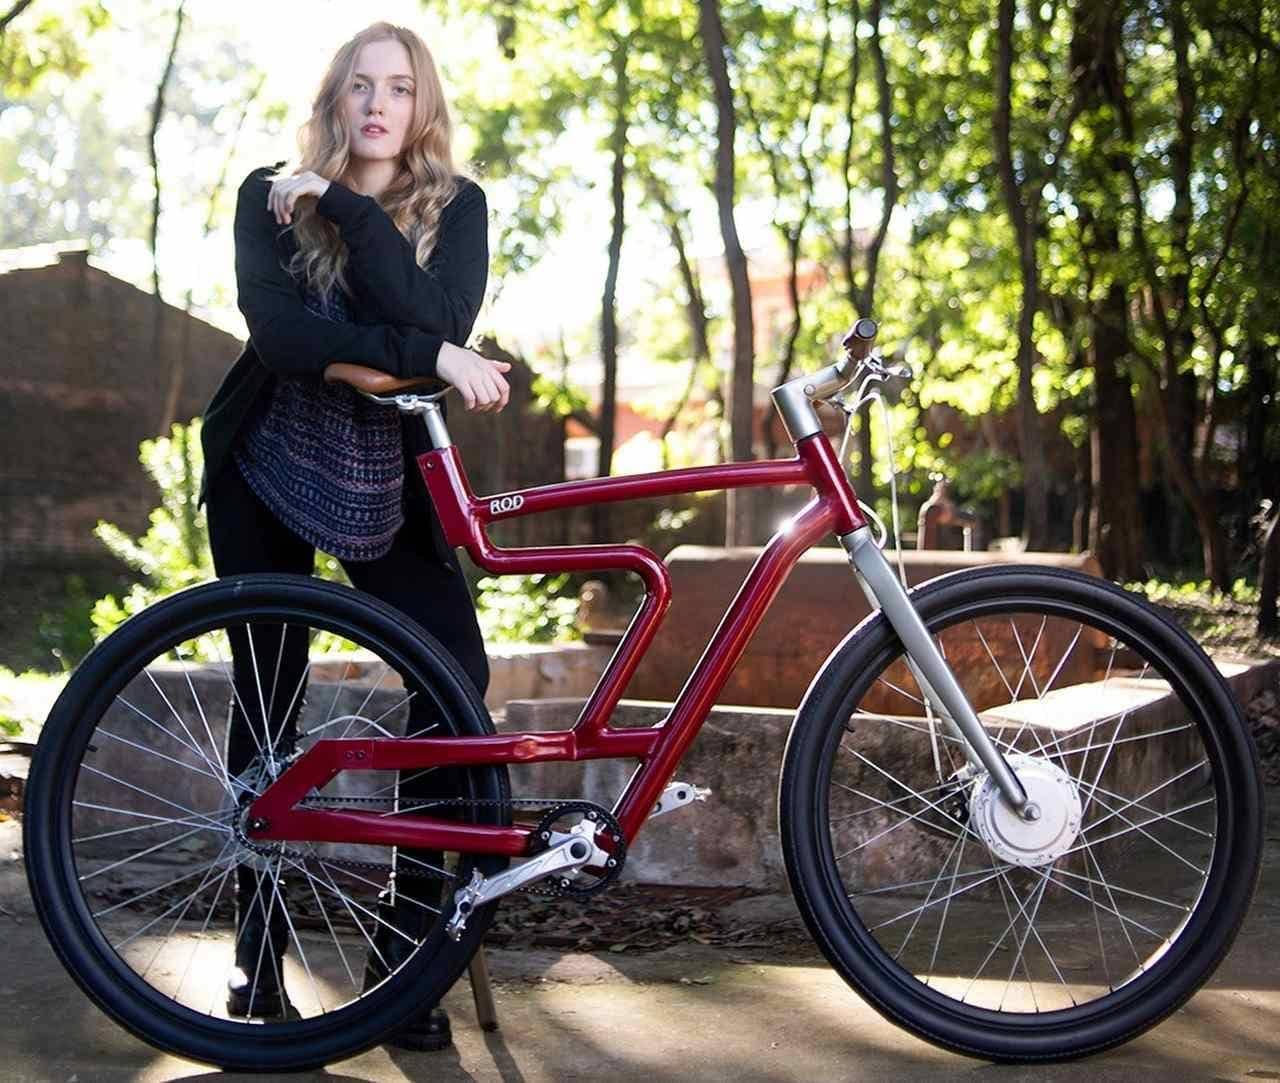 フレームがサスペンション? ― 都市生活者向けの電アシROD cycles「Model 1」